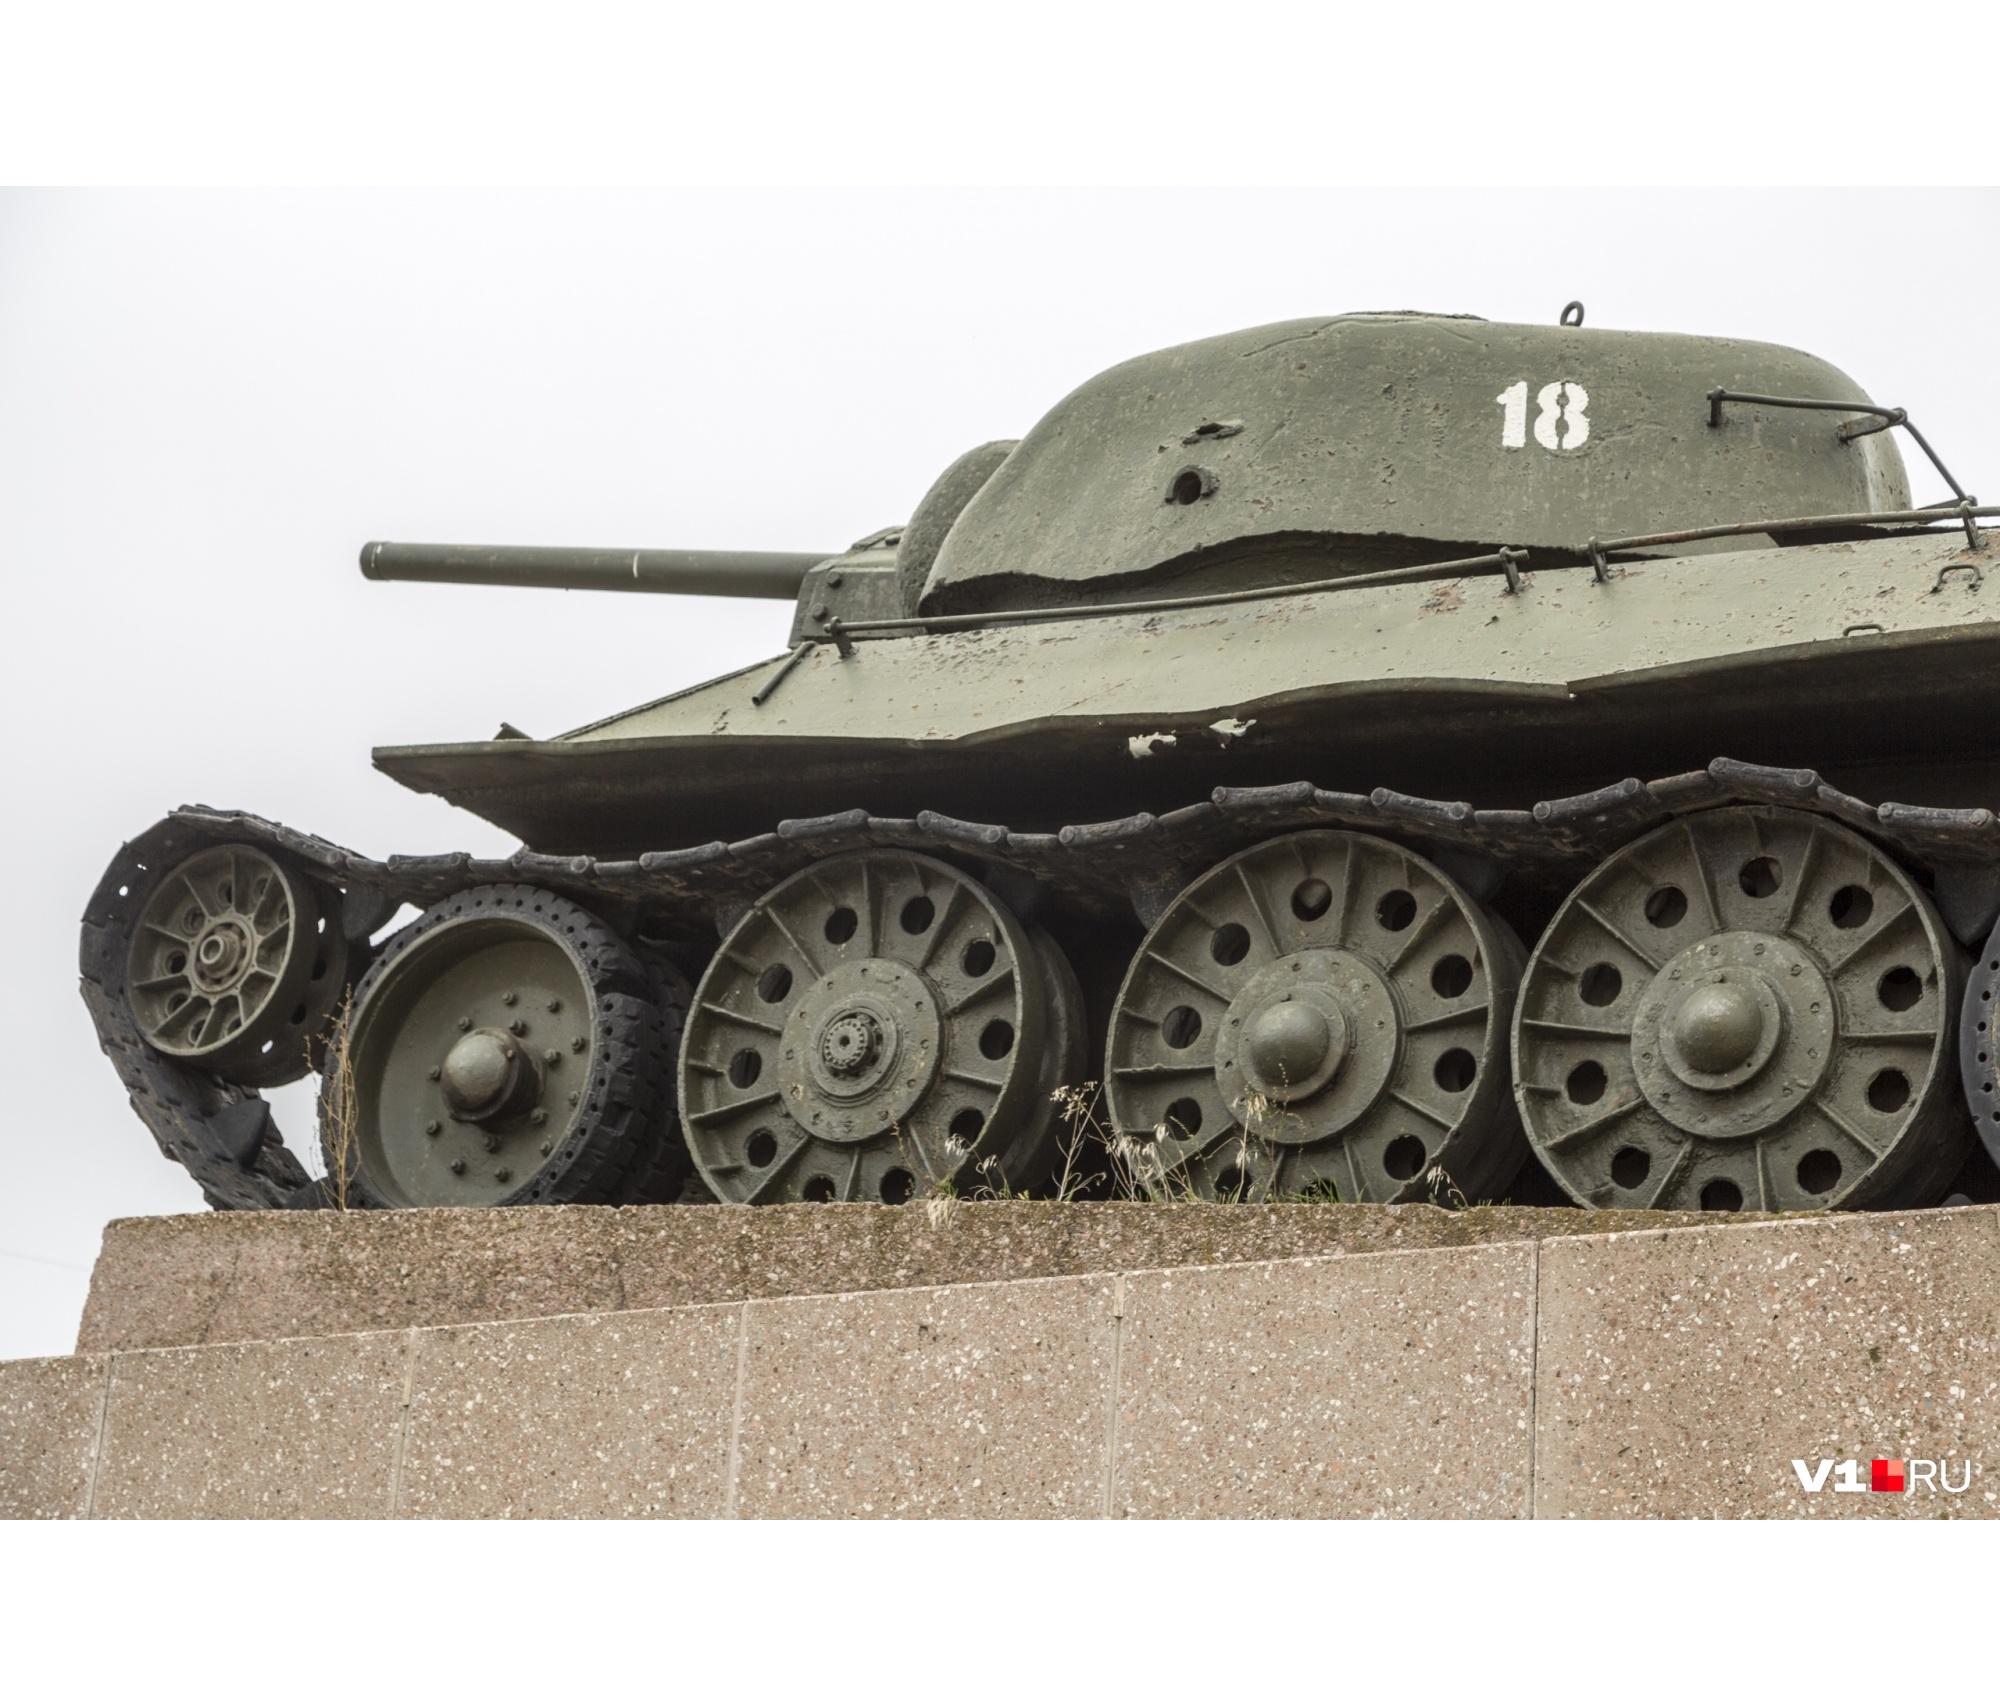 Реставрировать танк оказалось некому